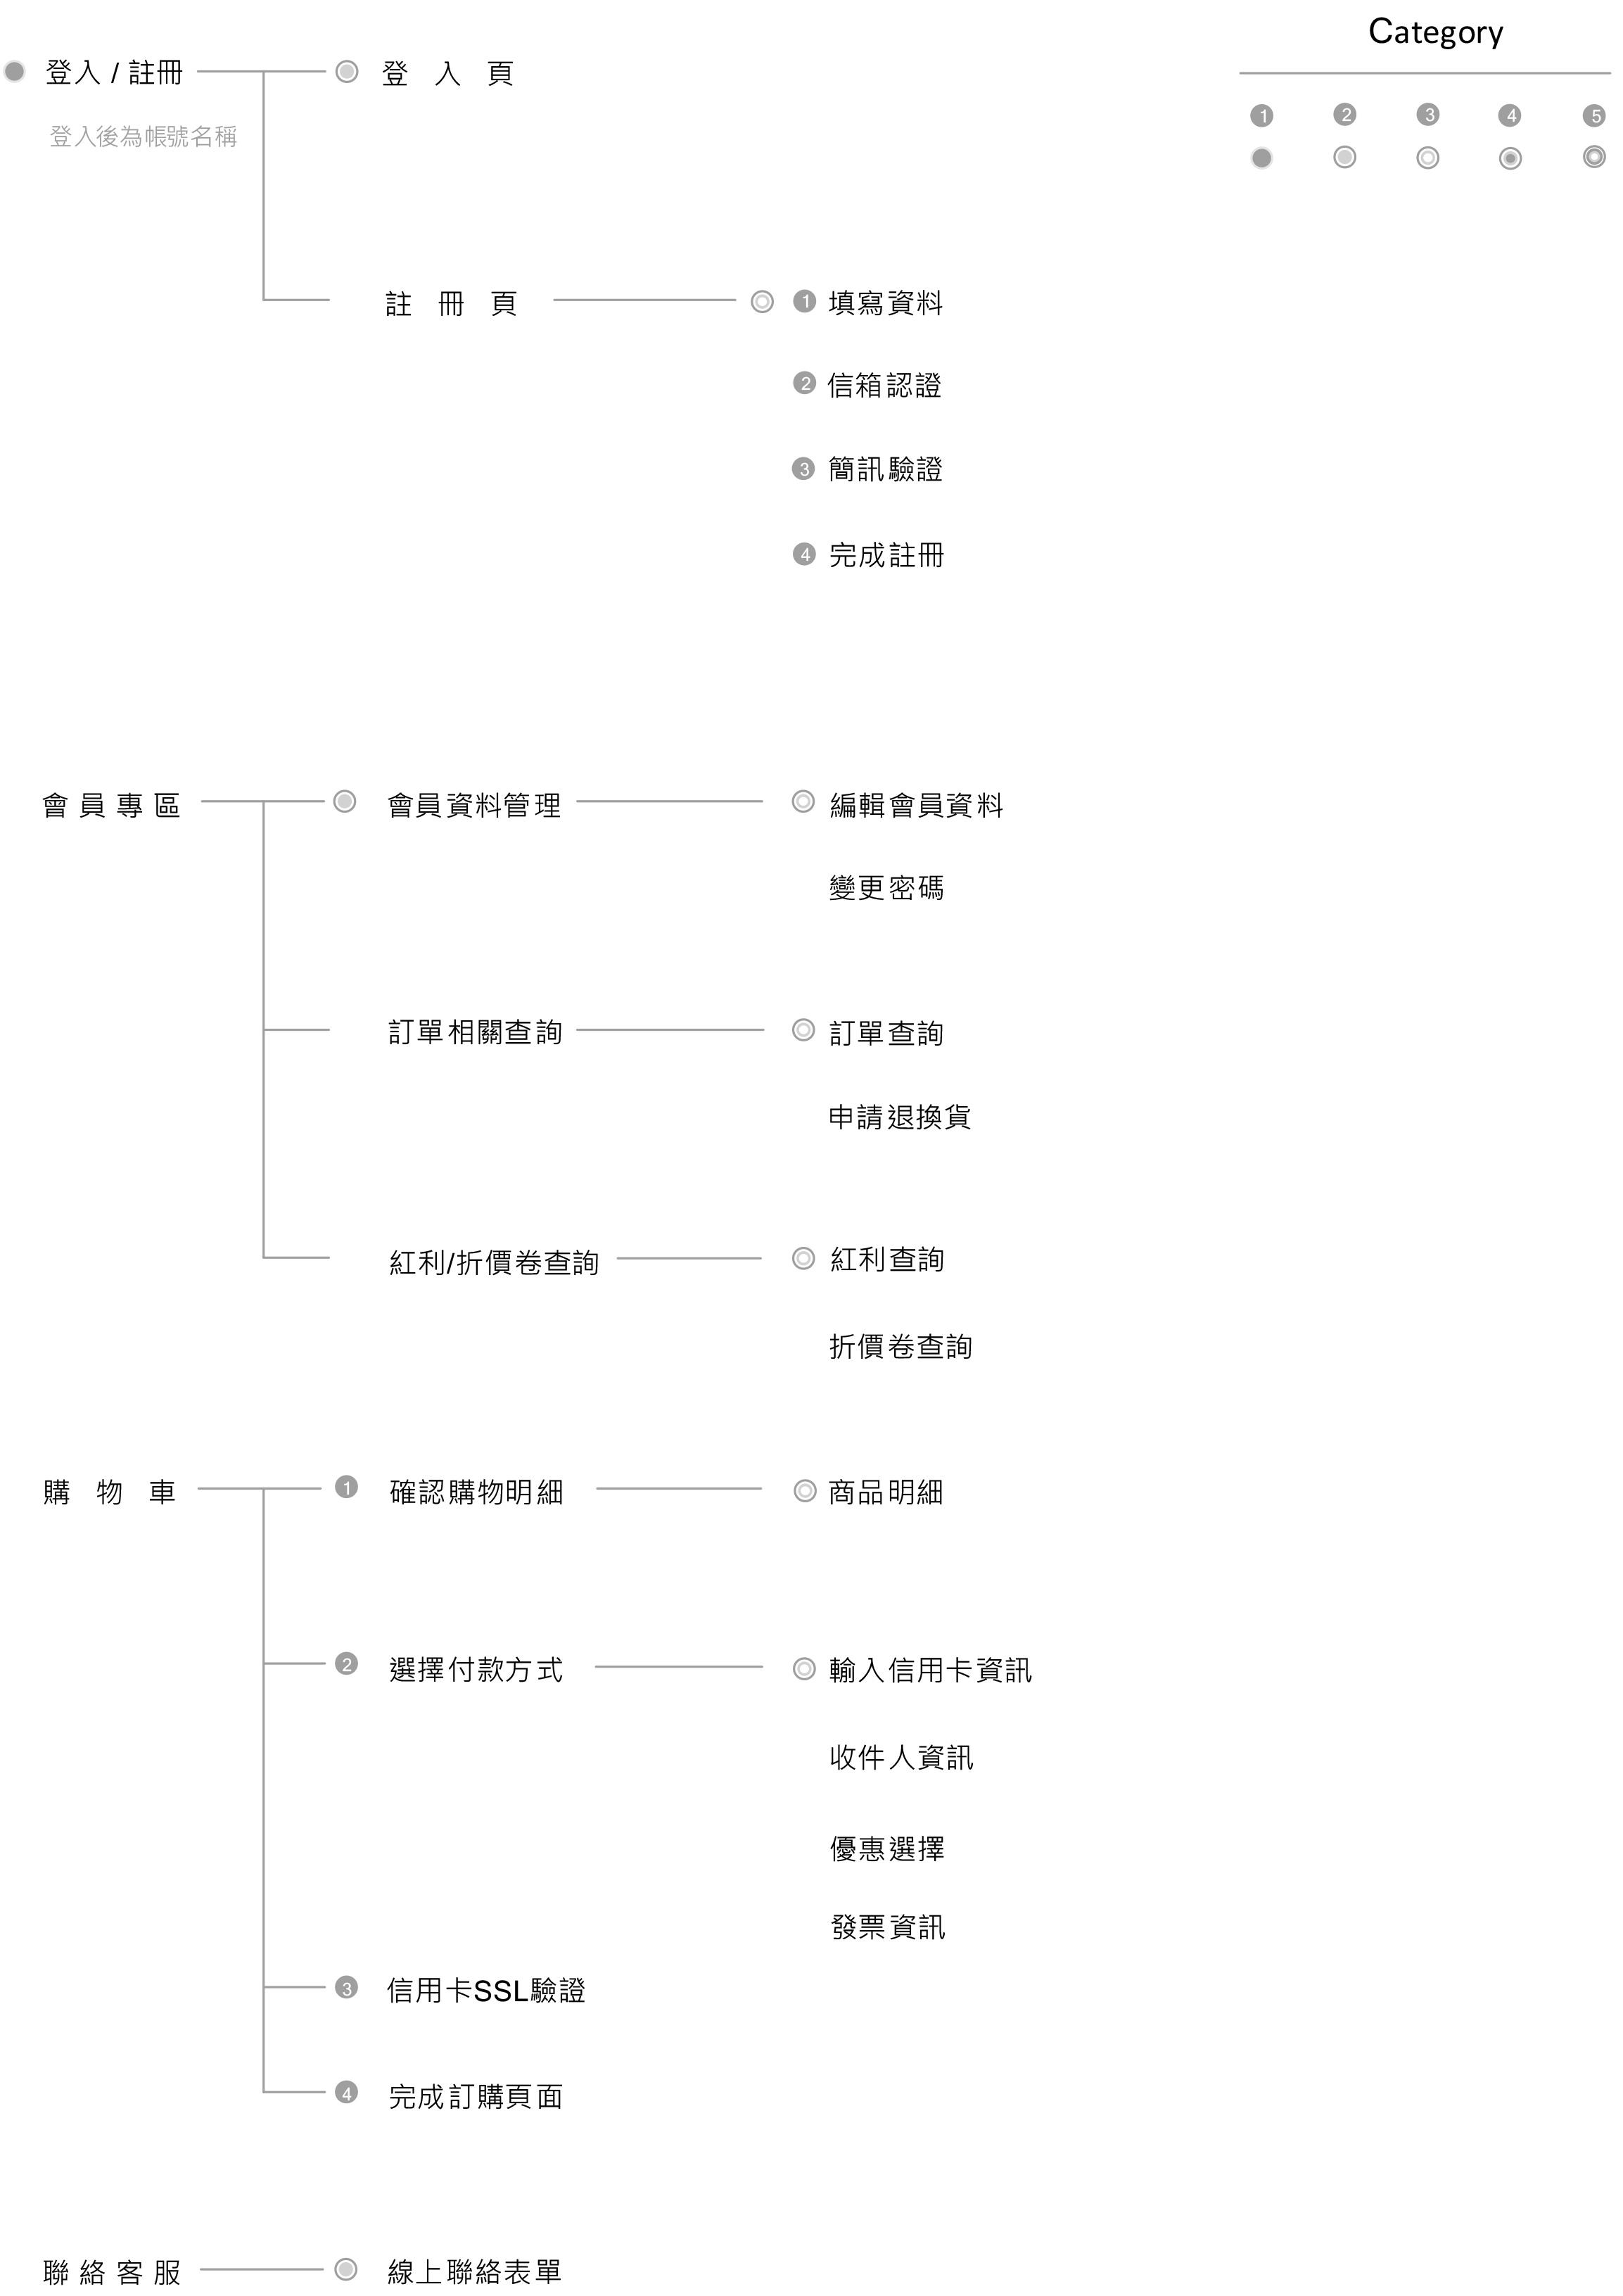 前台網站架構圖